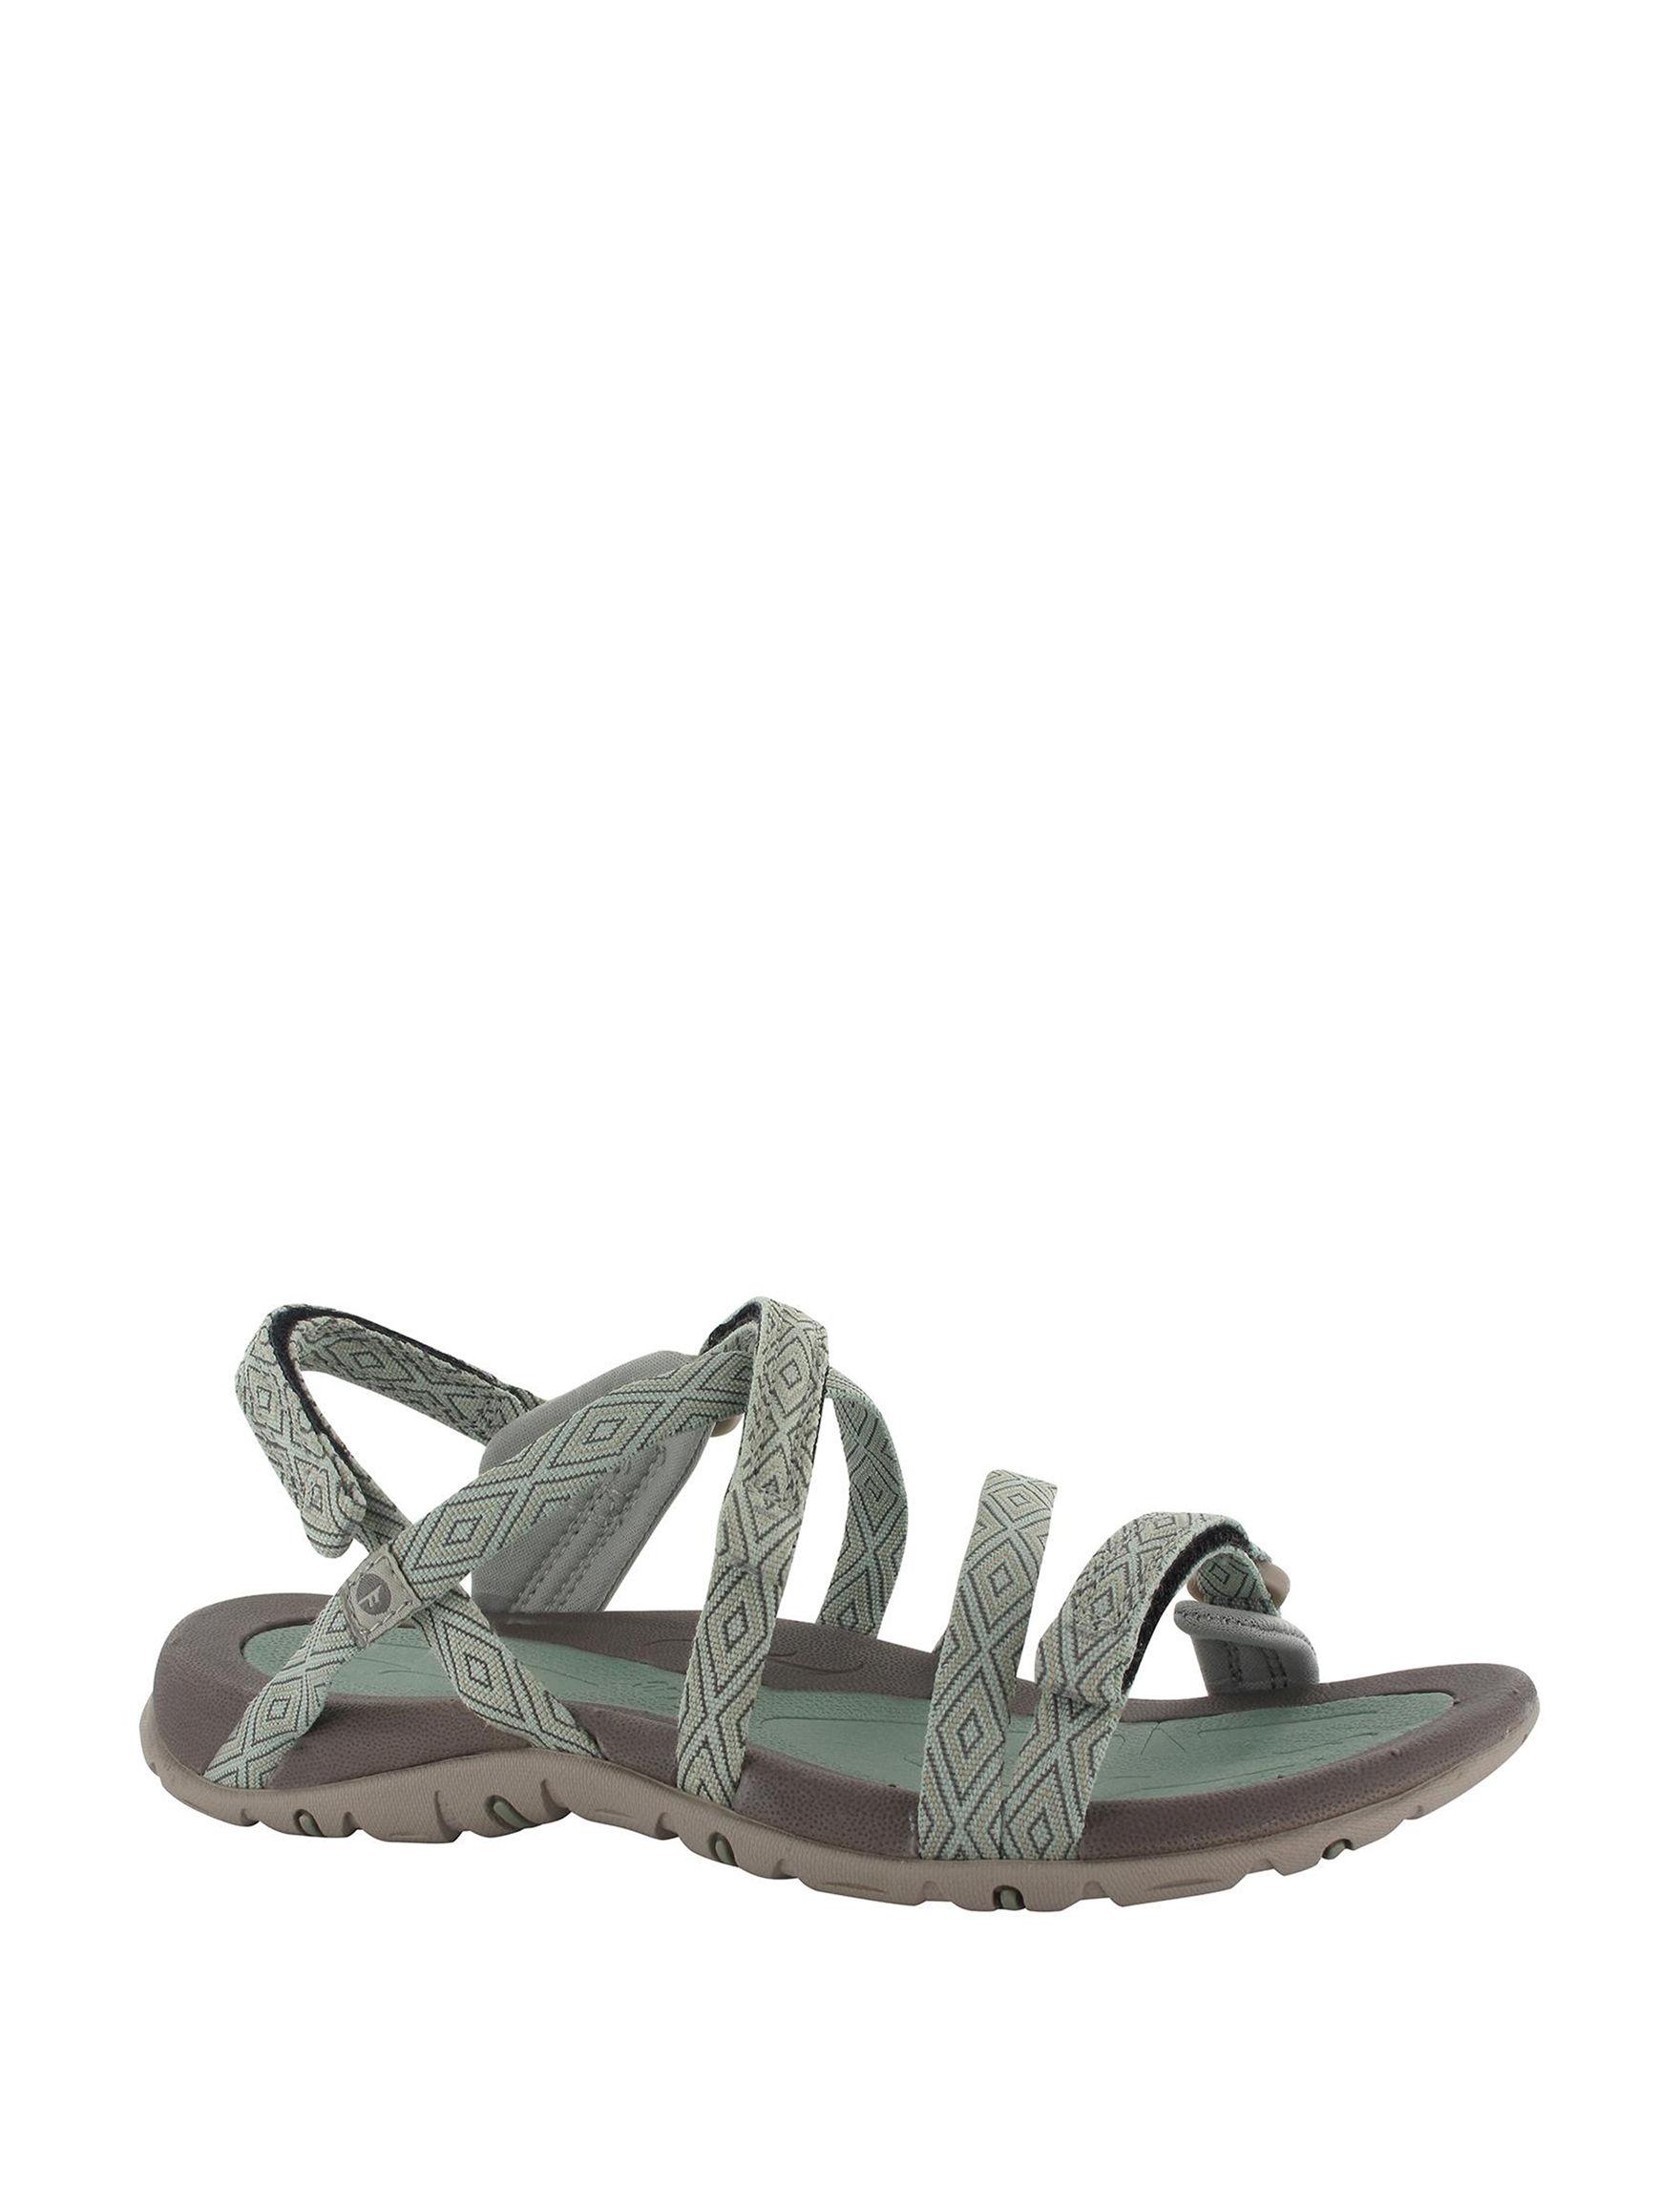 Hi-Tec Grey Flat Sandals Sport Sandals